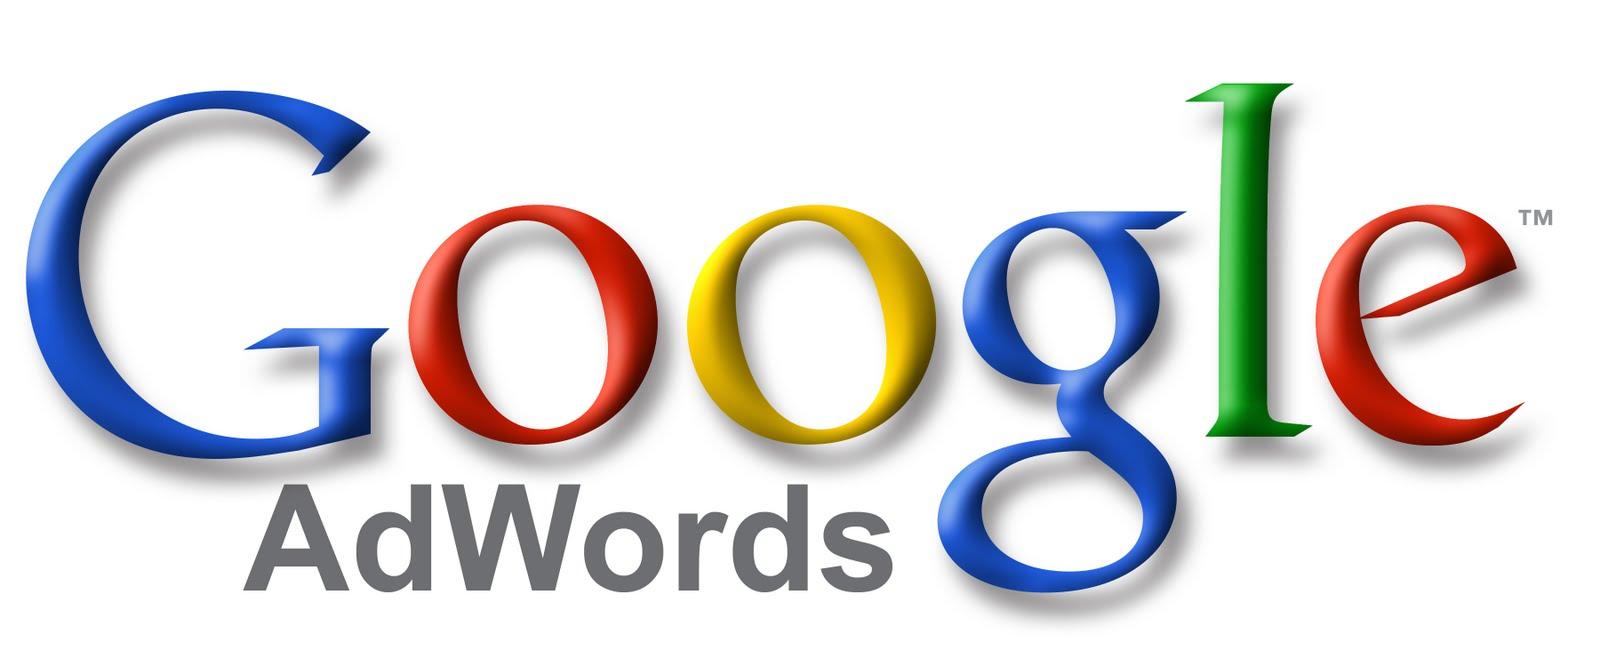 adwords_logo